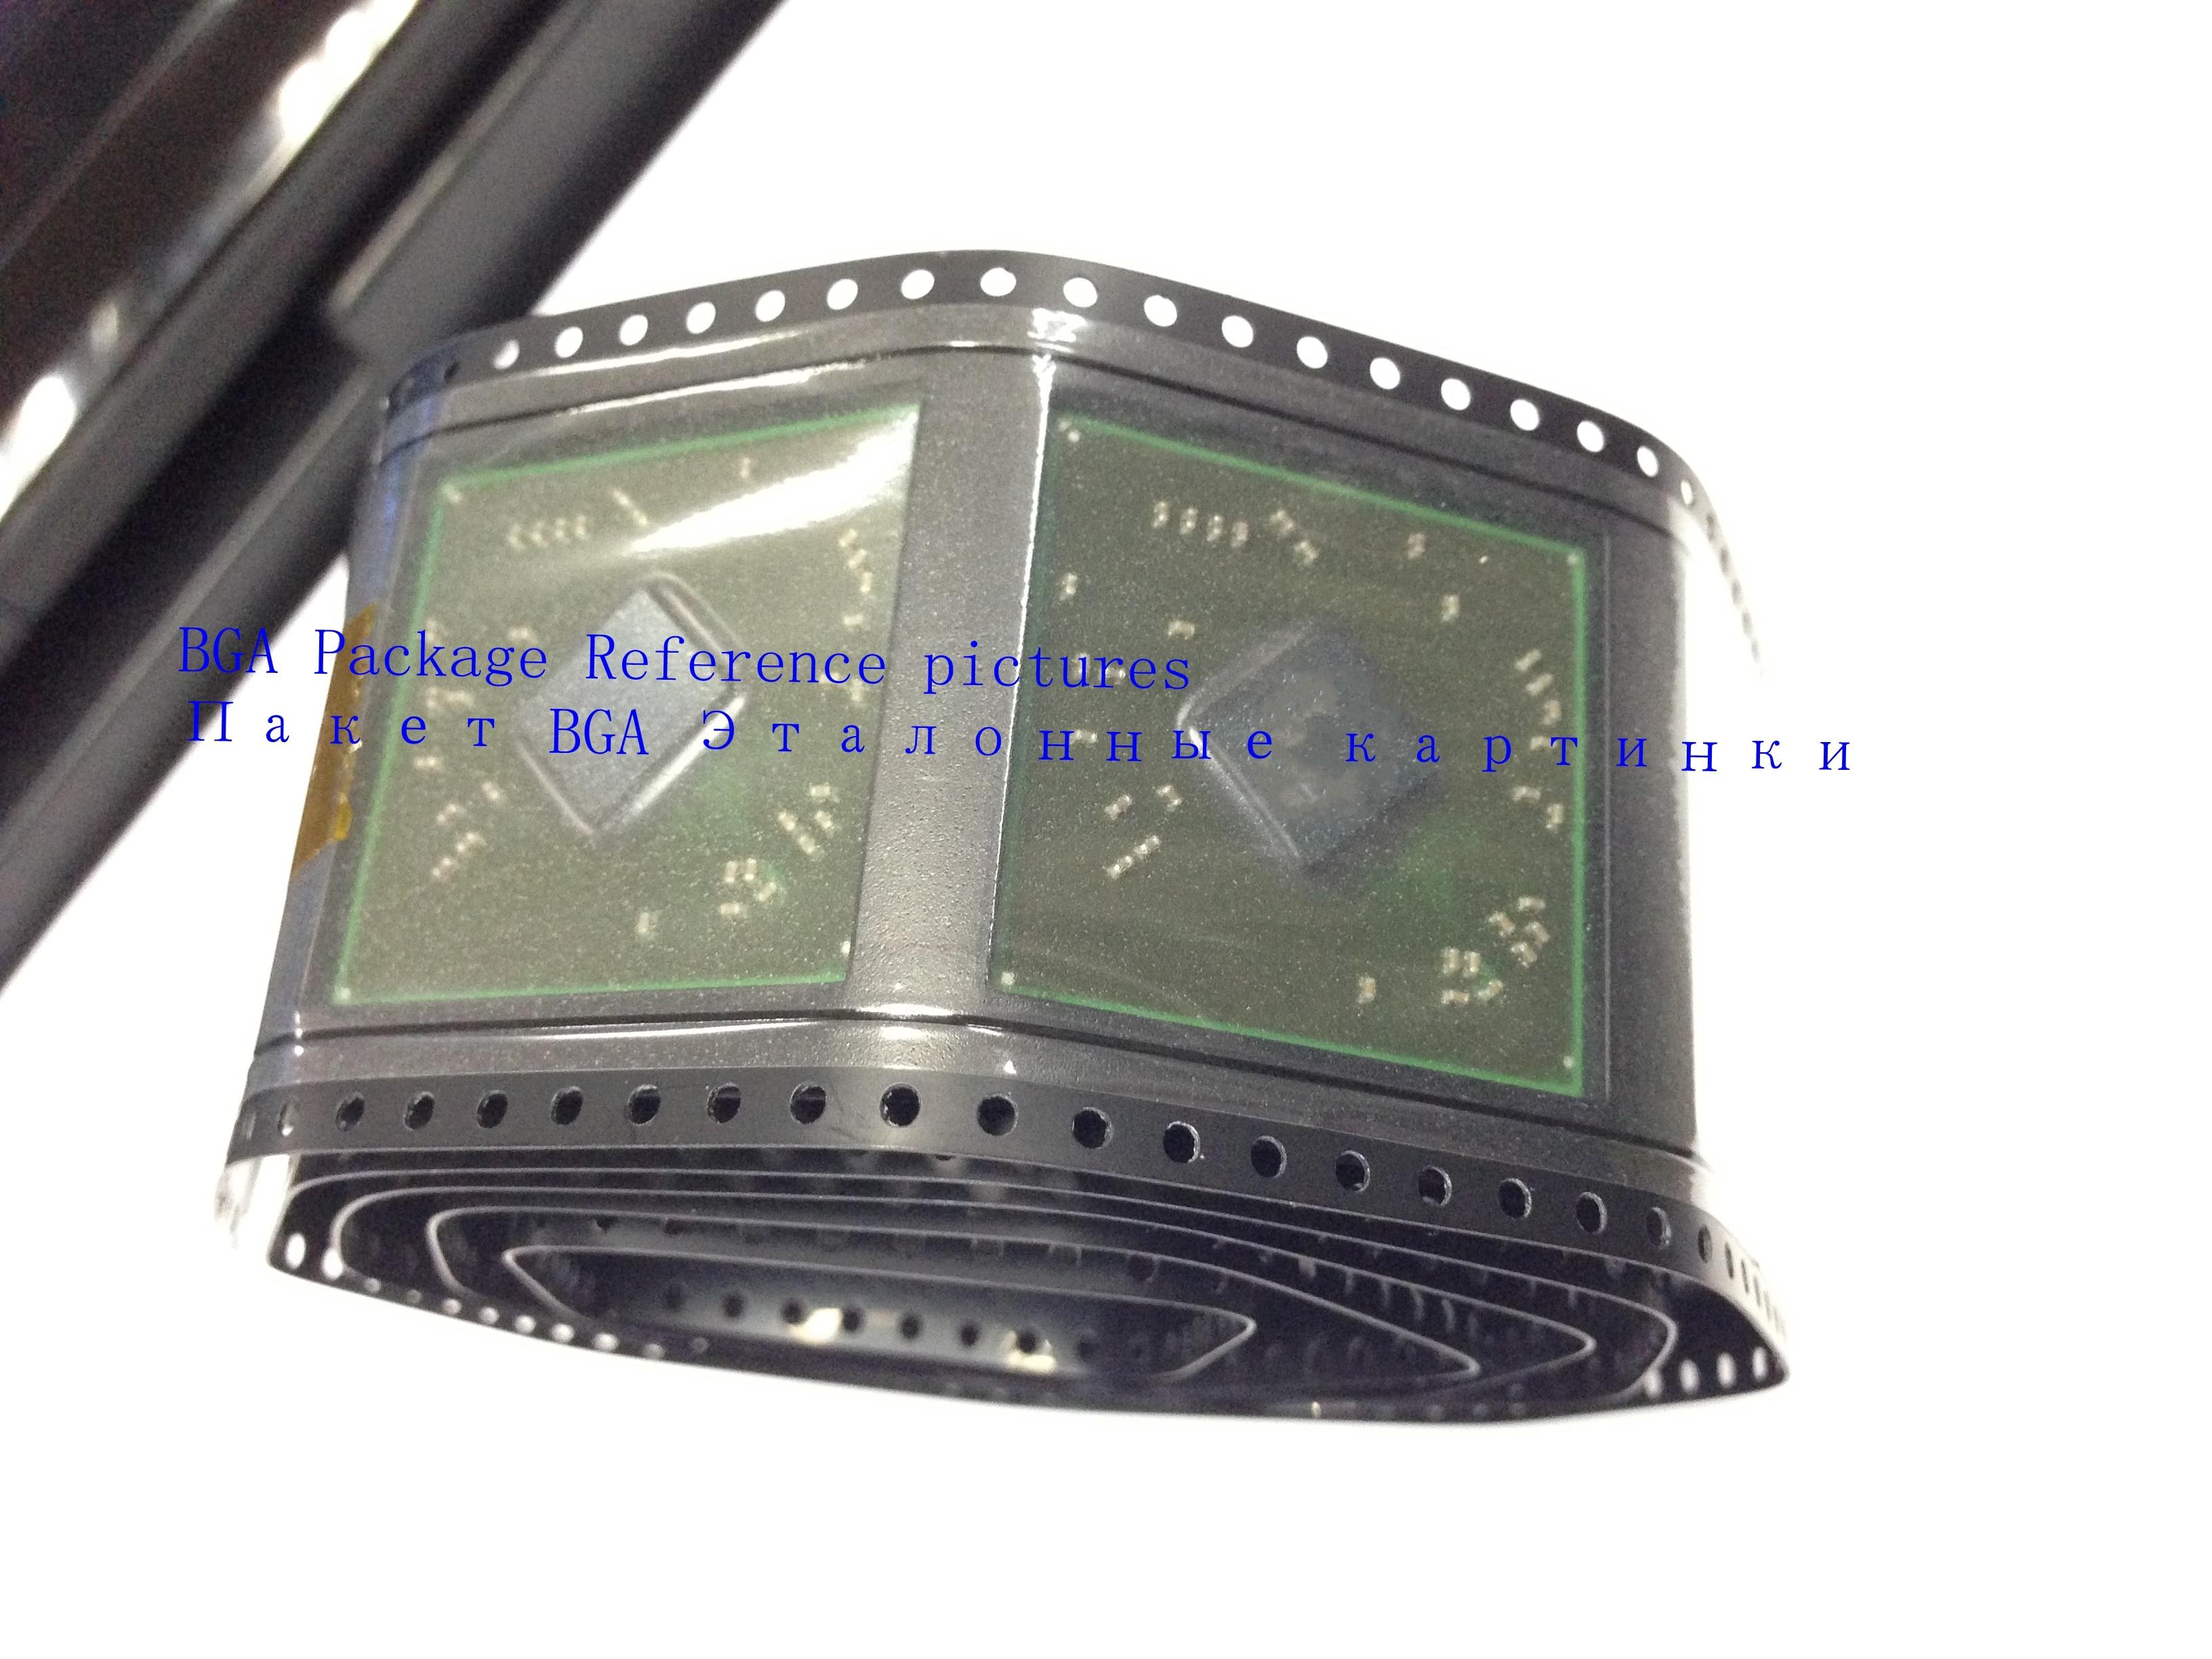 1pcs/lot 100% New BD82HM65 SLJ4P BGA Chipset graphic1pcs/lot 100% New BD82HM65 SLJ4P BGA Chipset graphic